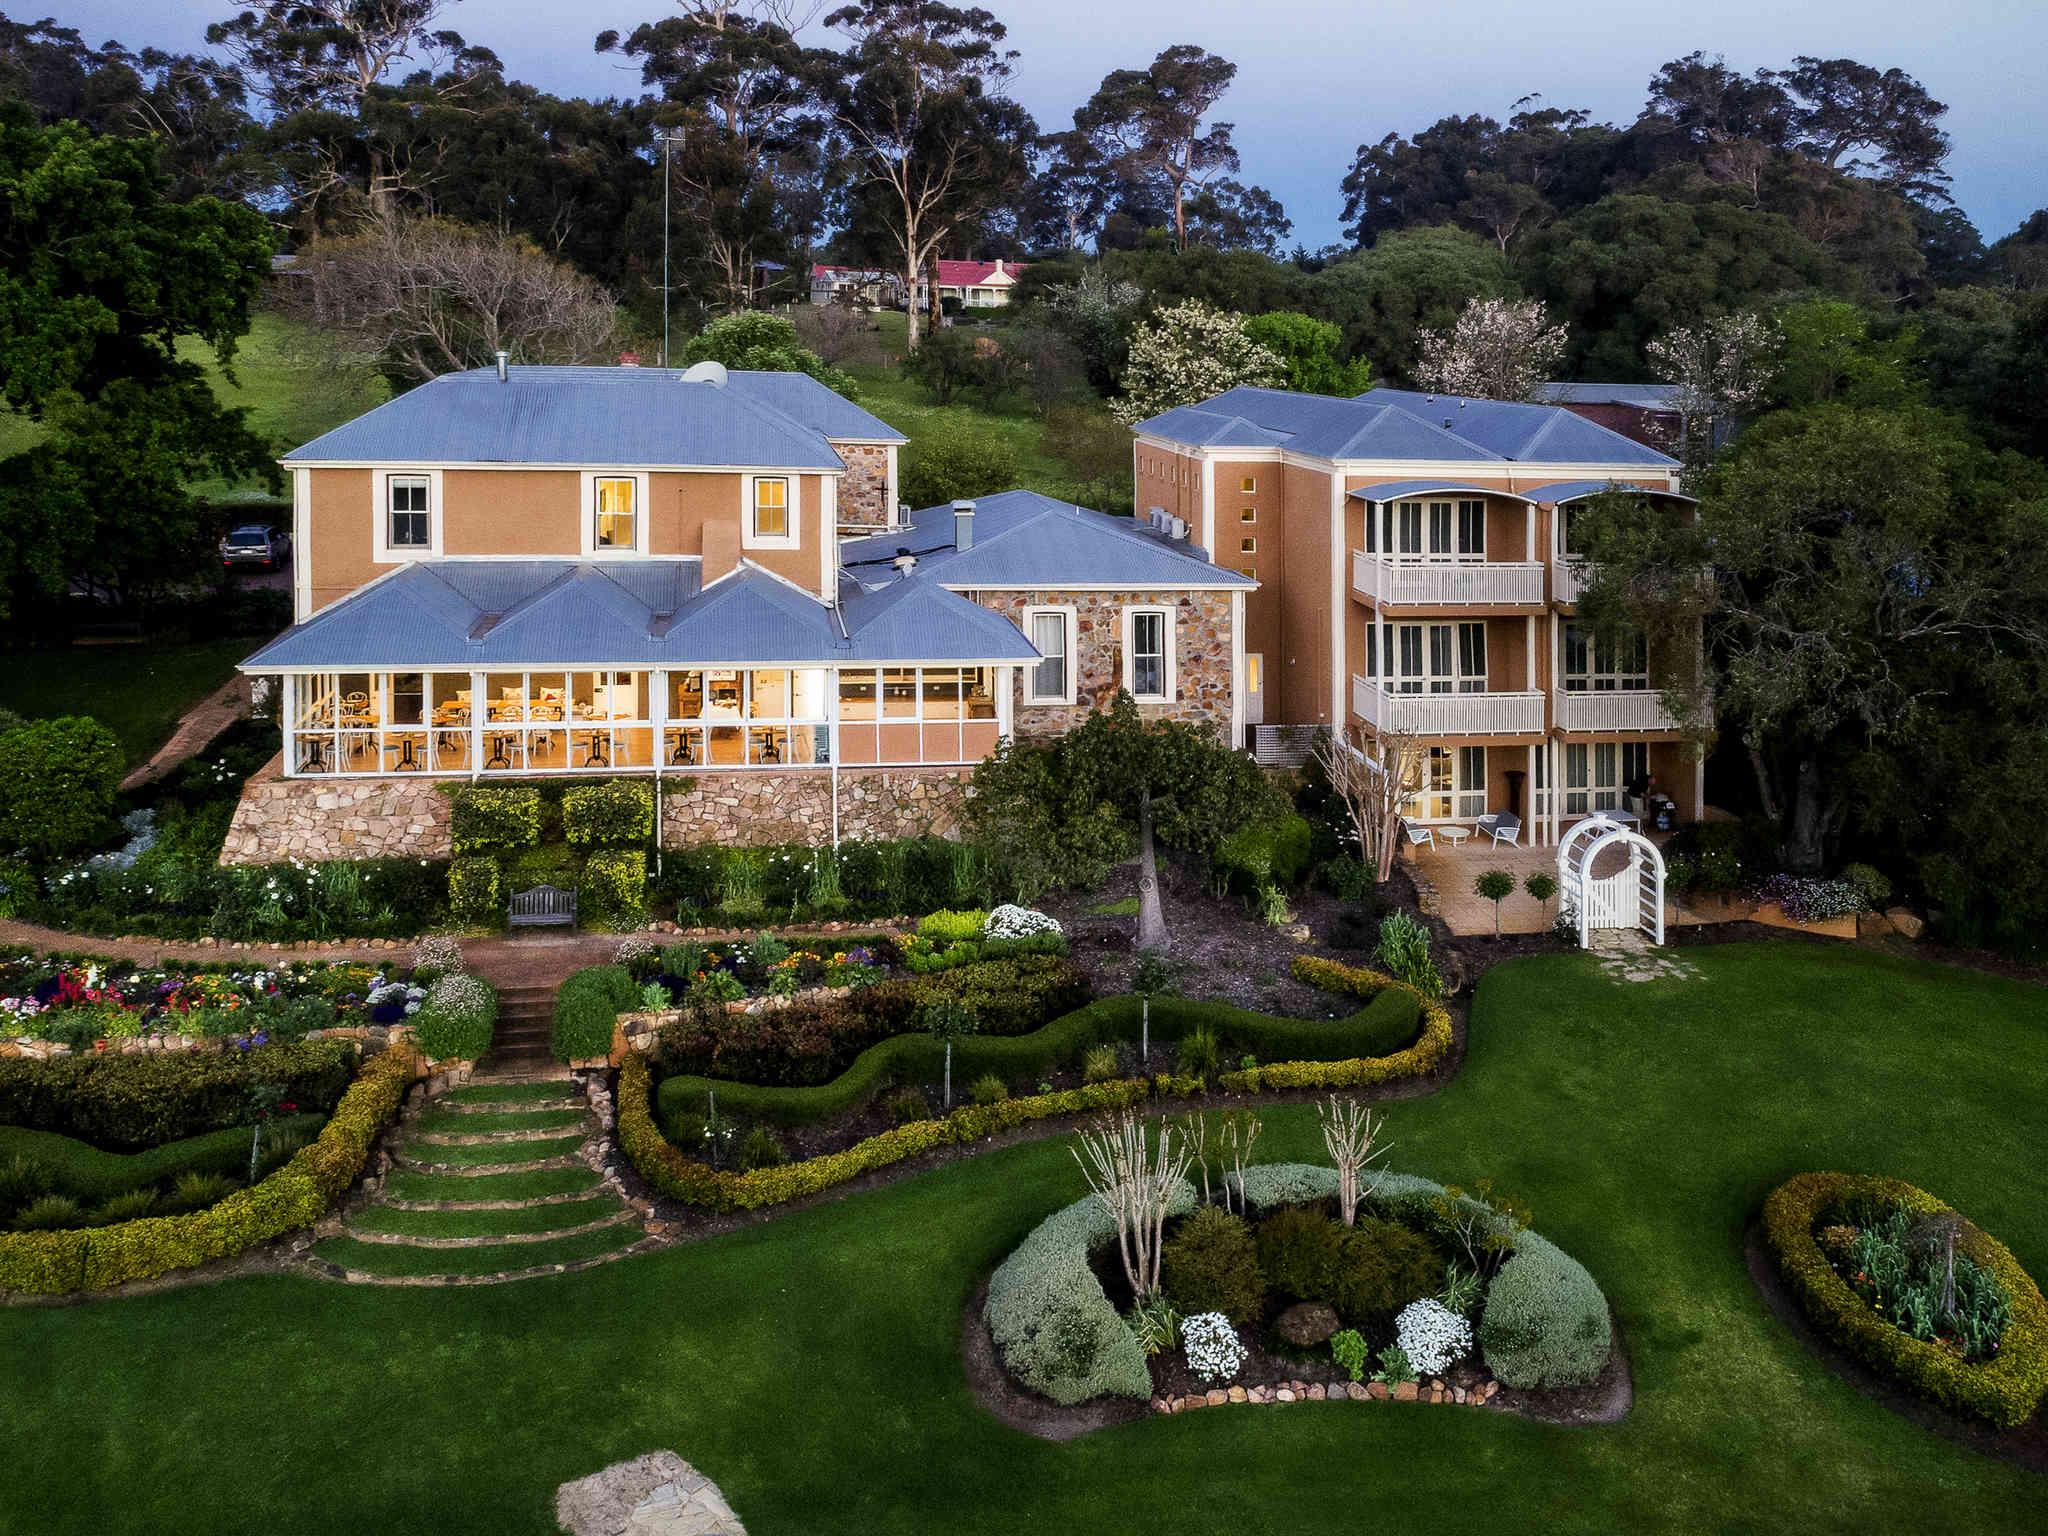 โรงแรม – Grand Mercure Basildene Manor Accor Vacation Club Apartments